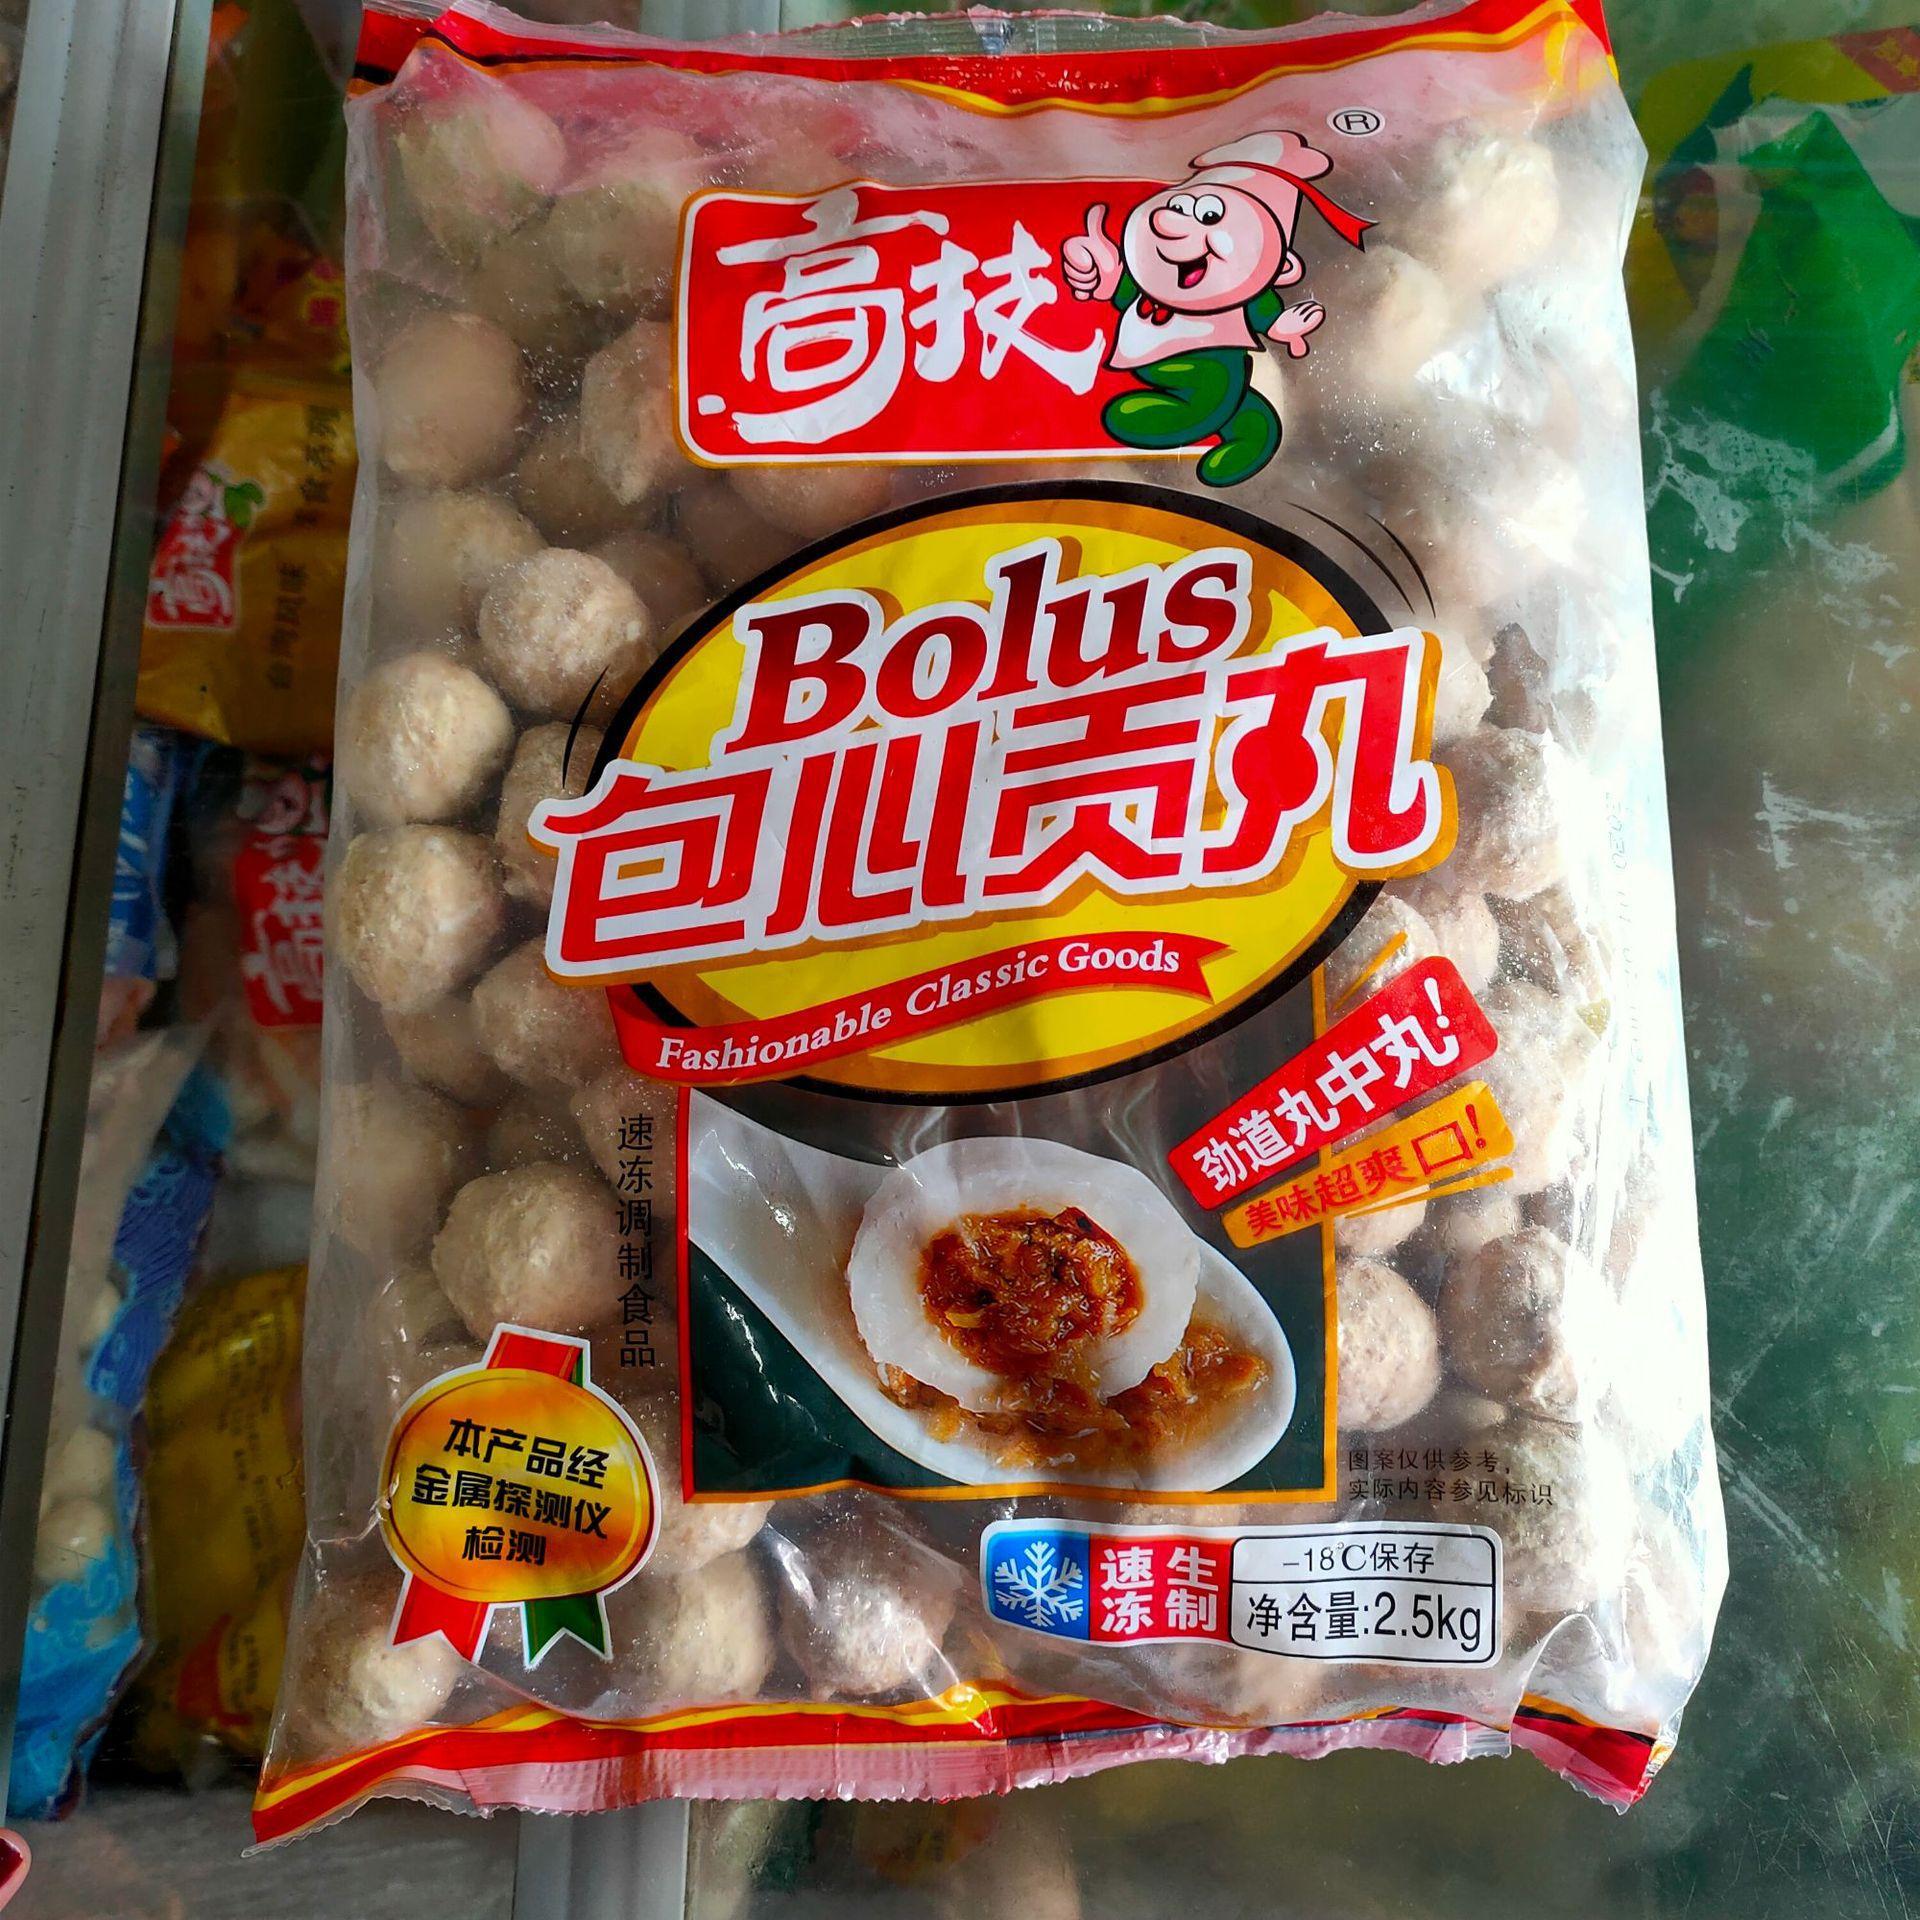 高技包心贡丸火锅食材关东煮潮汕猪肉丸肉丸子麻辣烫2.5kg